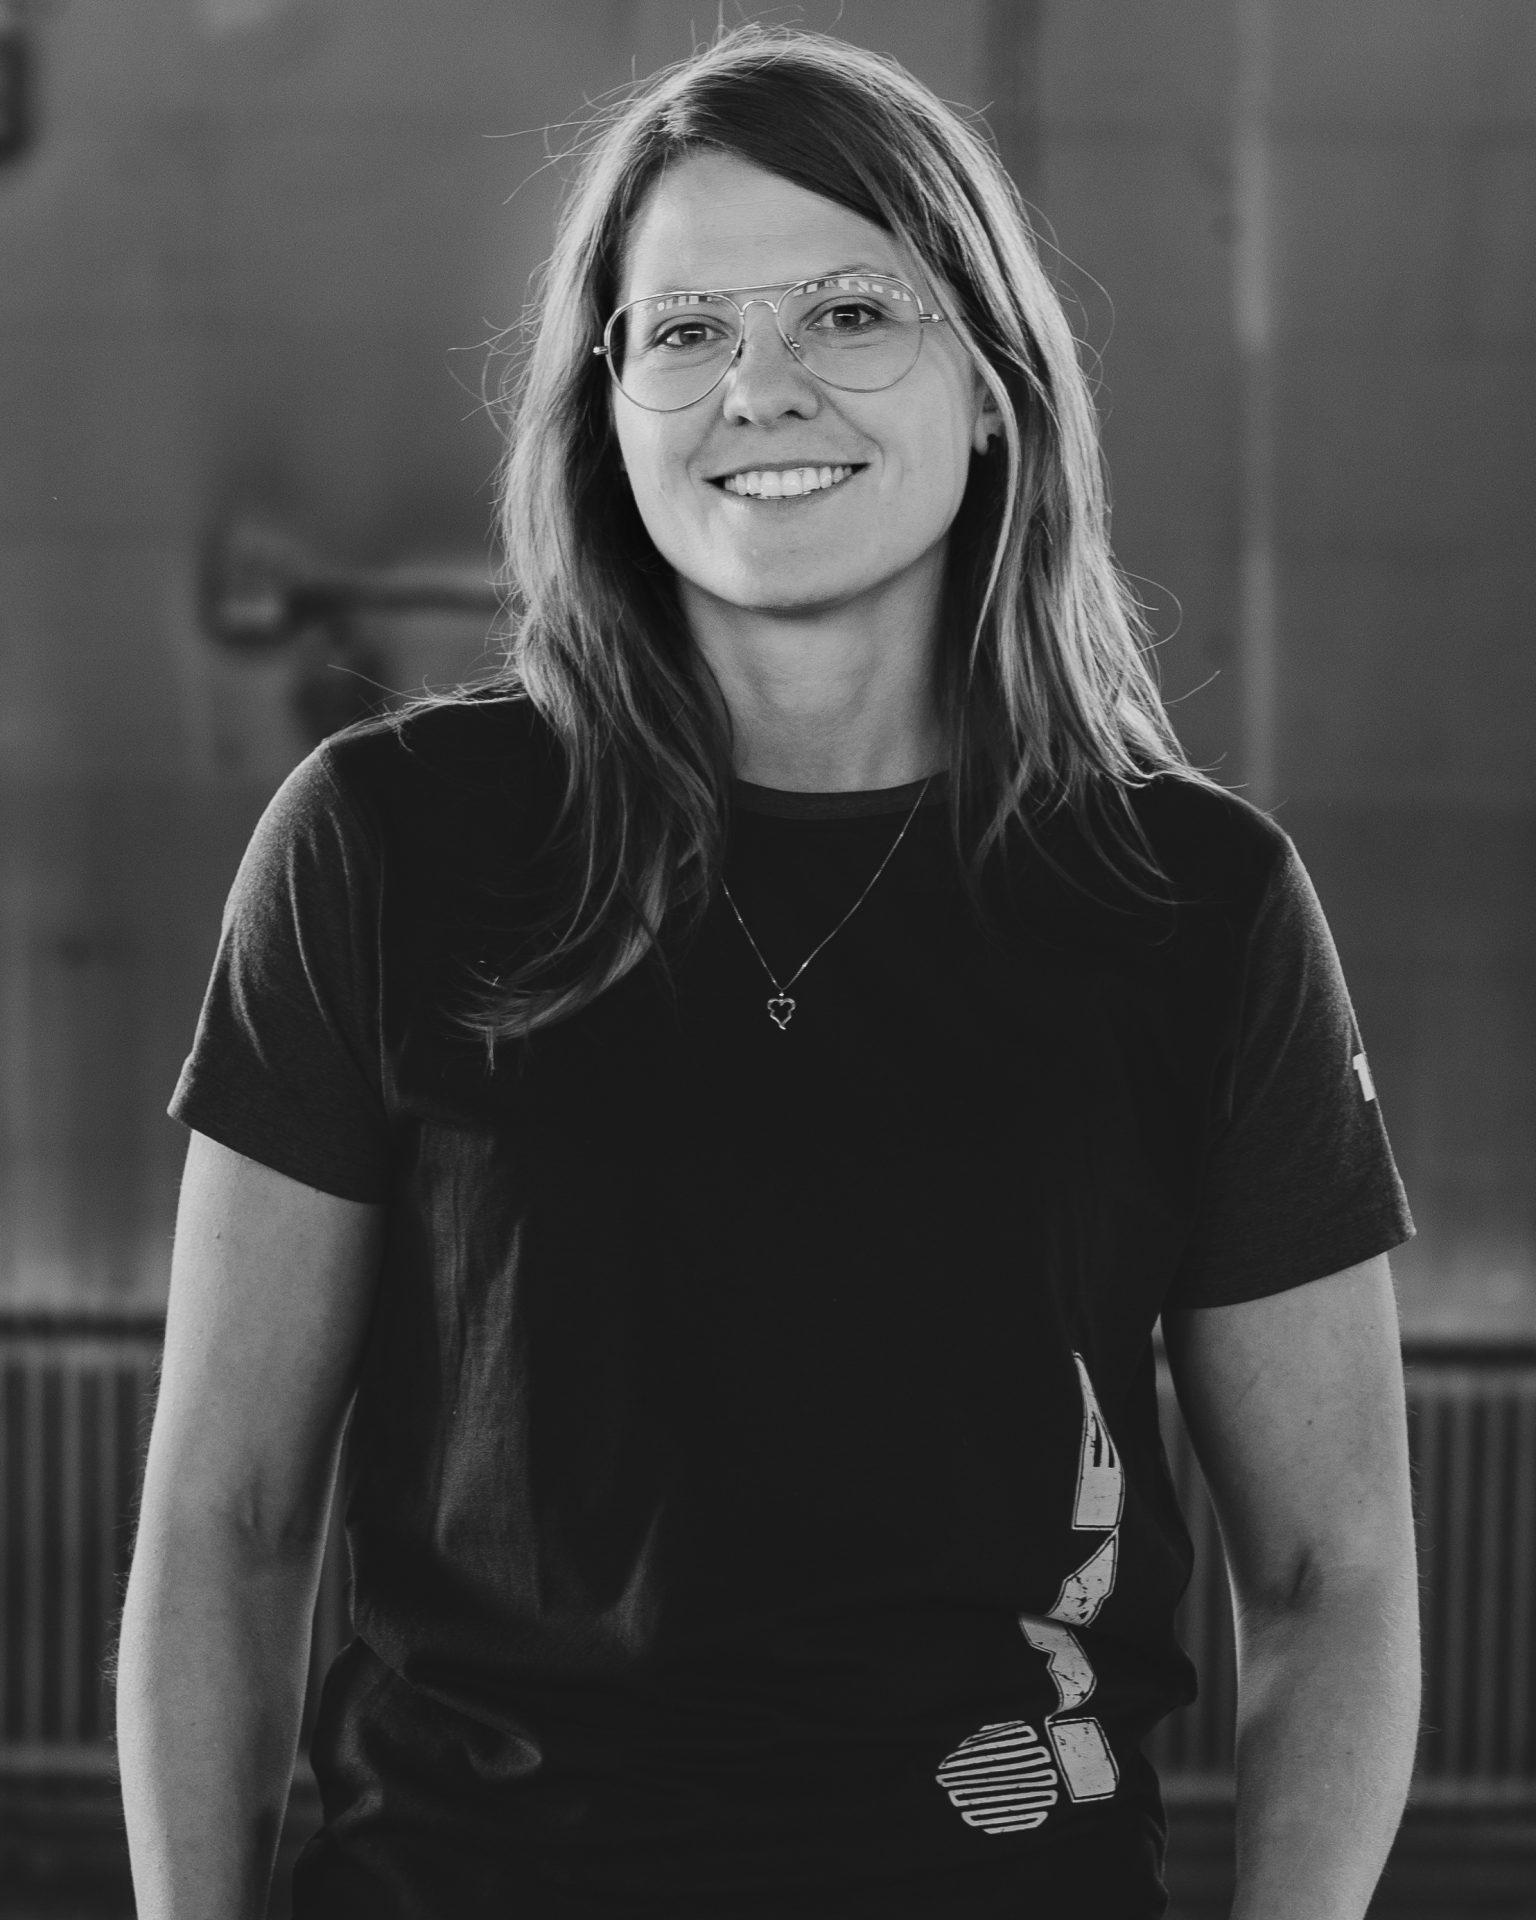 Ingrid Westerberg